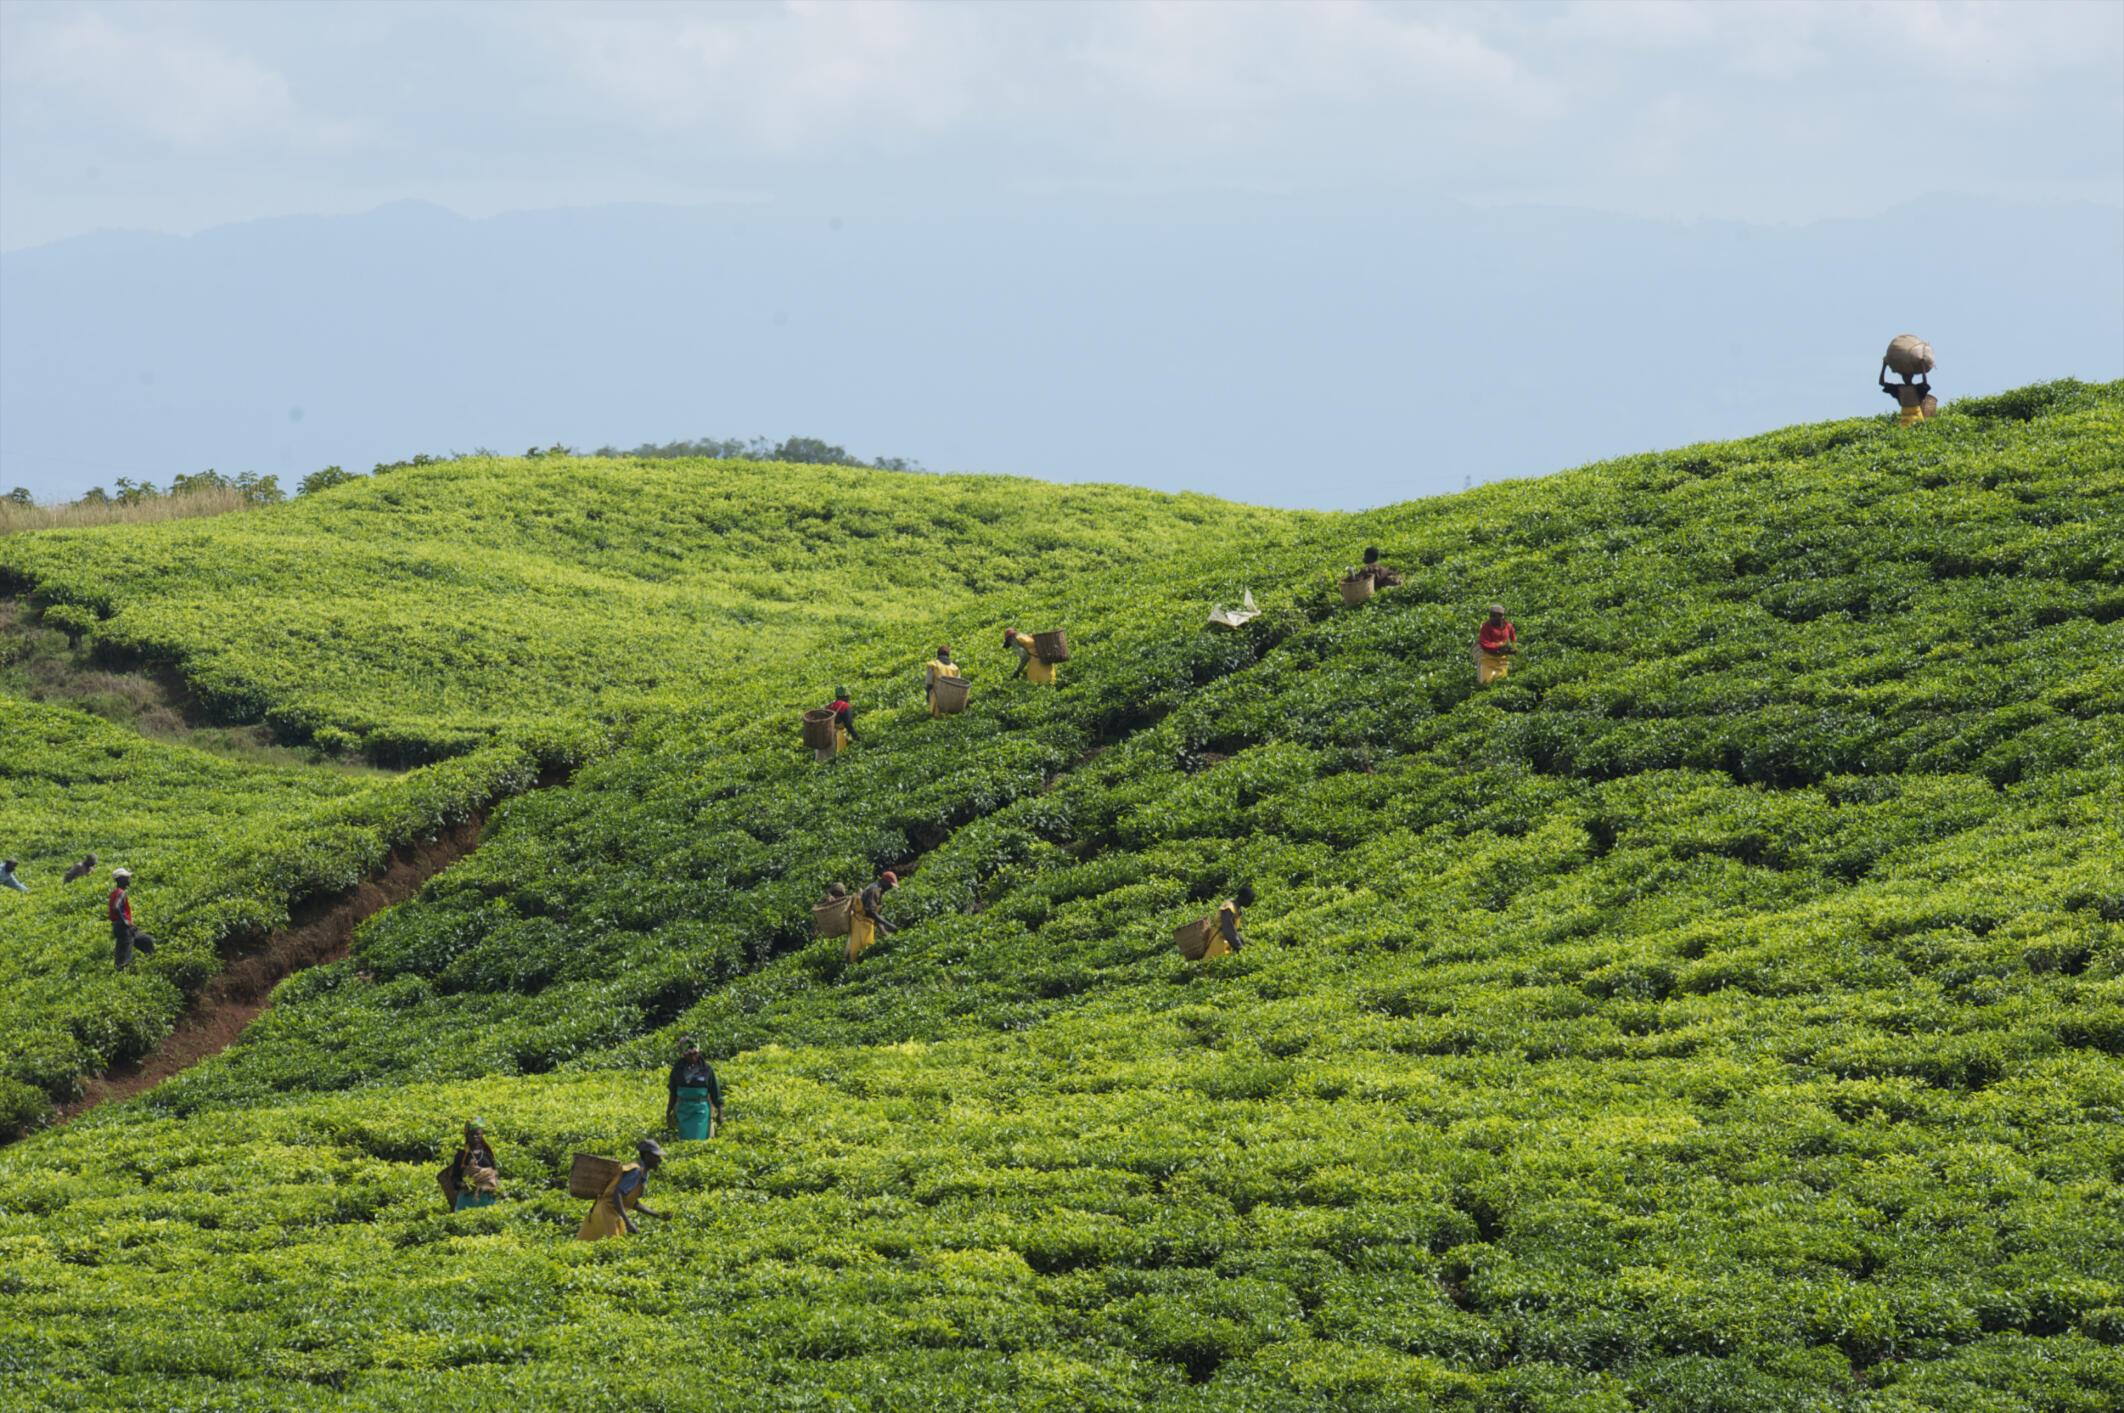 Récolte dans une plantation de thé dans le sud du Rwanda.